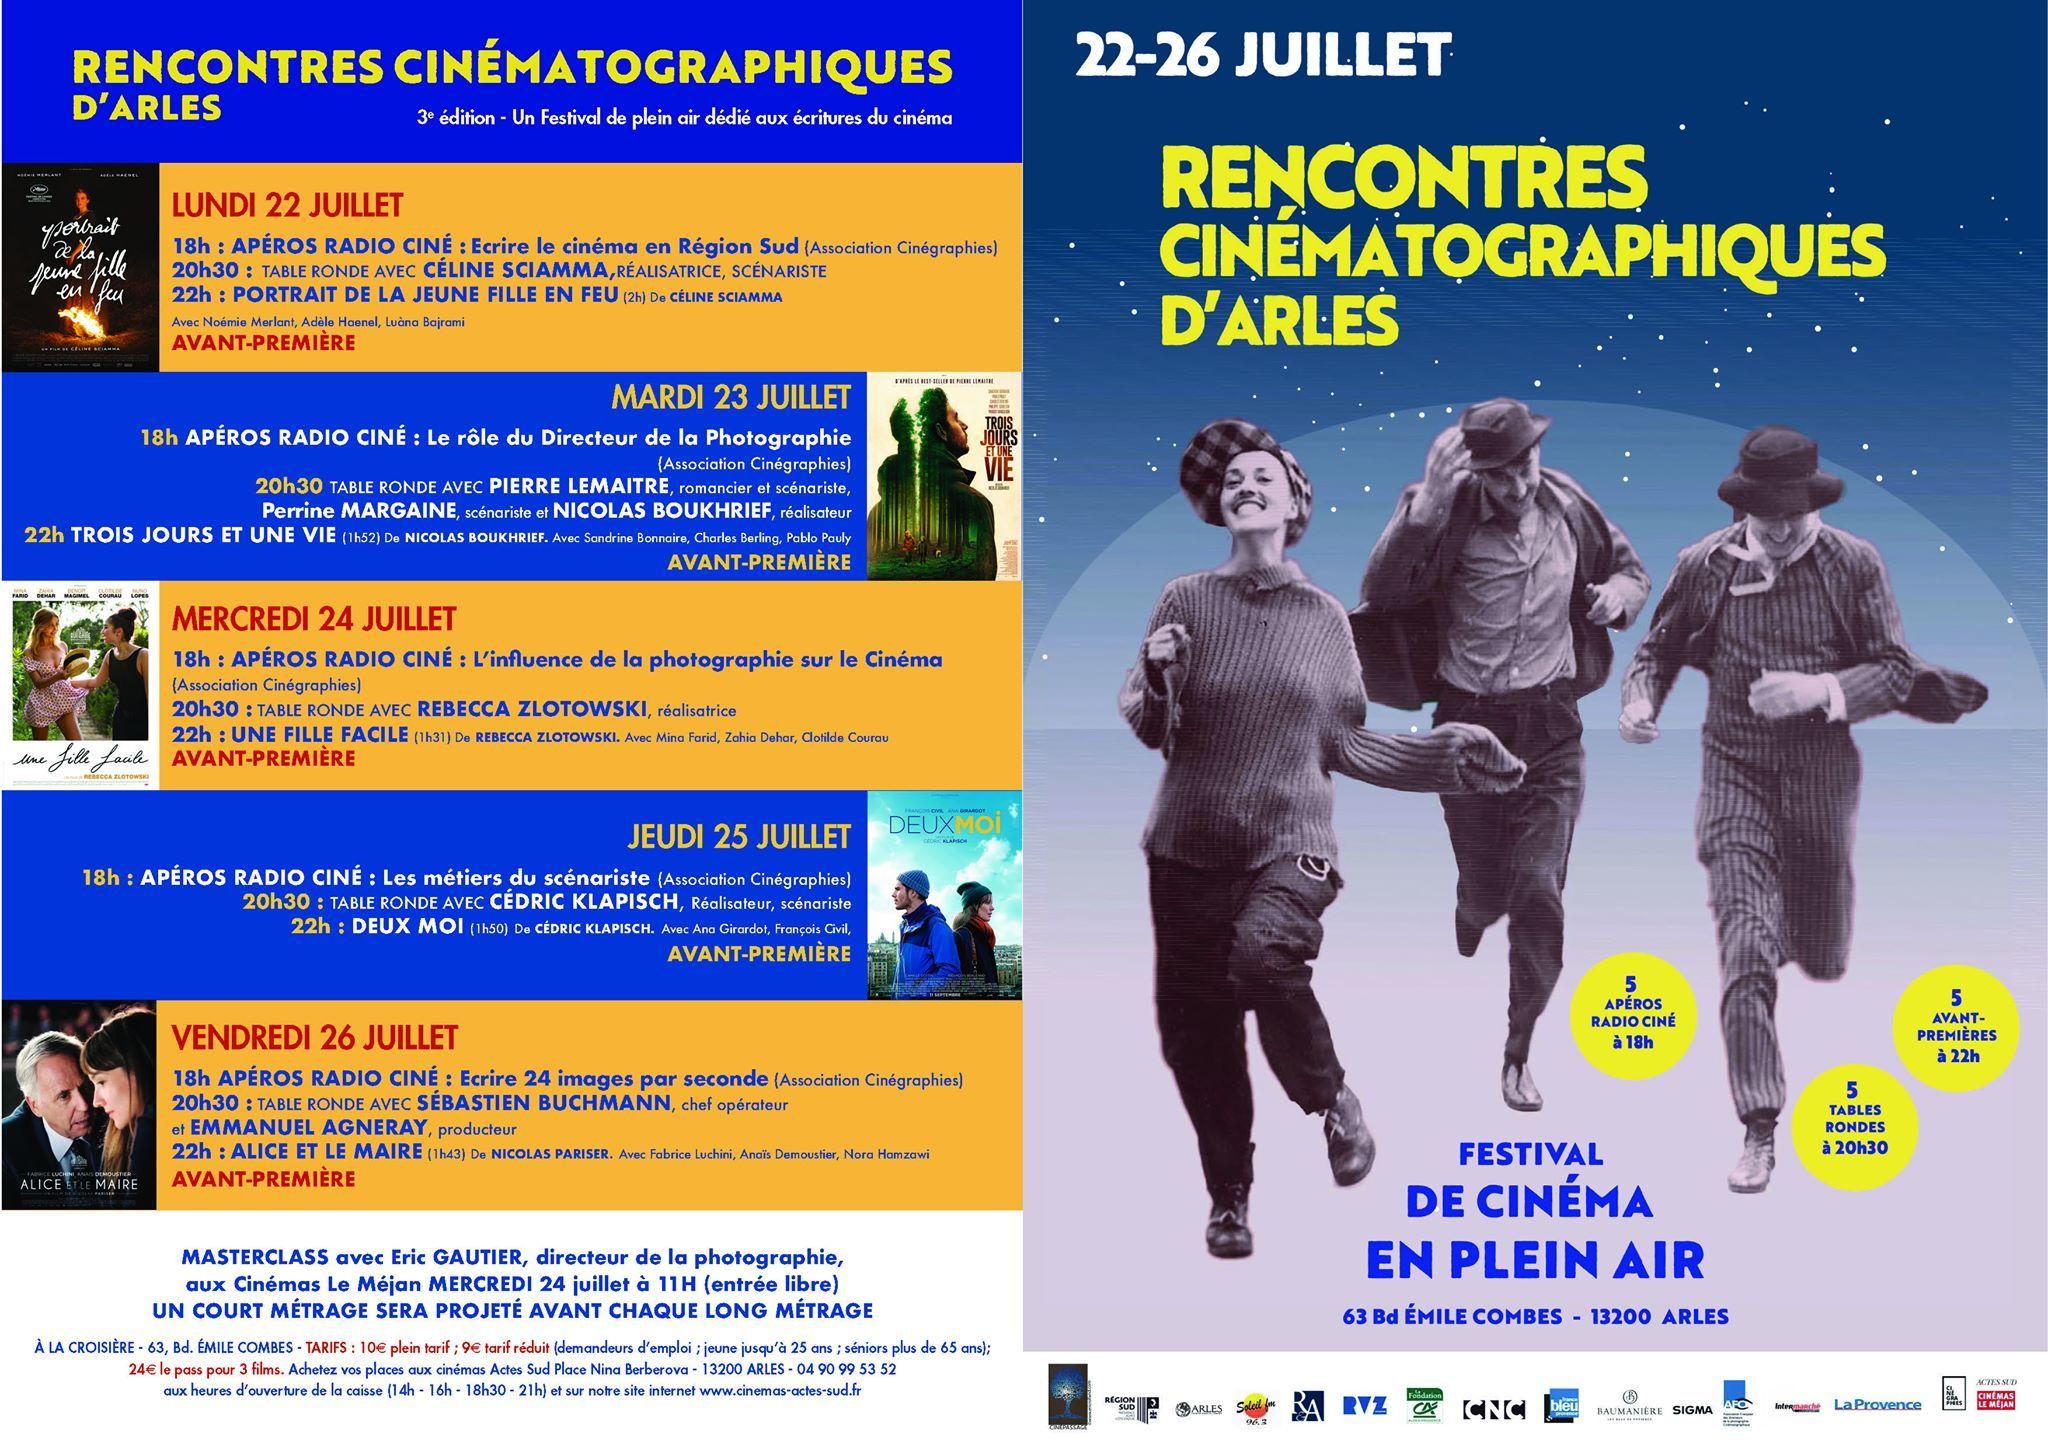 ecolalies.fr: Site sérieux et gratuit pour sportifs